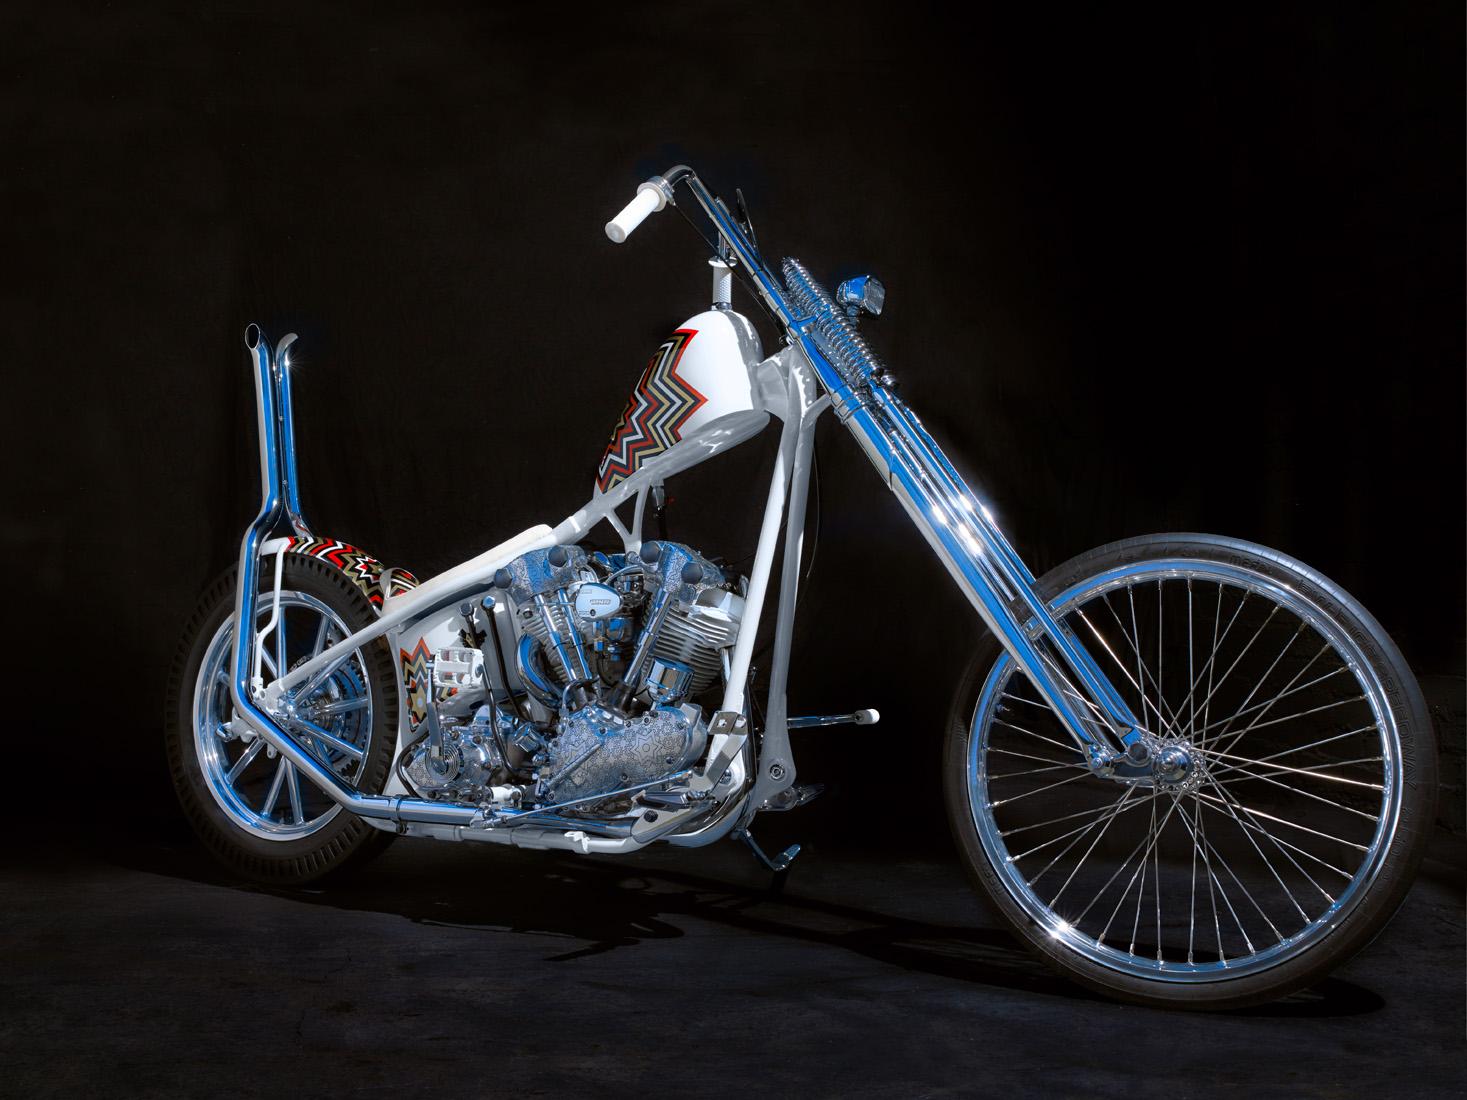 ehinger-chopper-motiv-03-1100